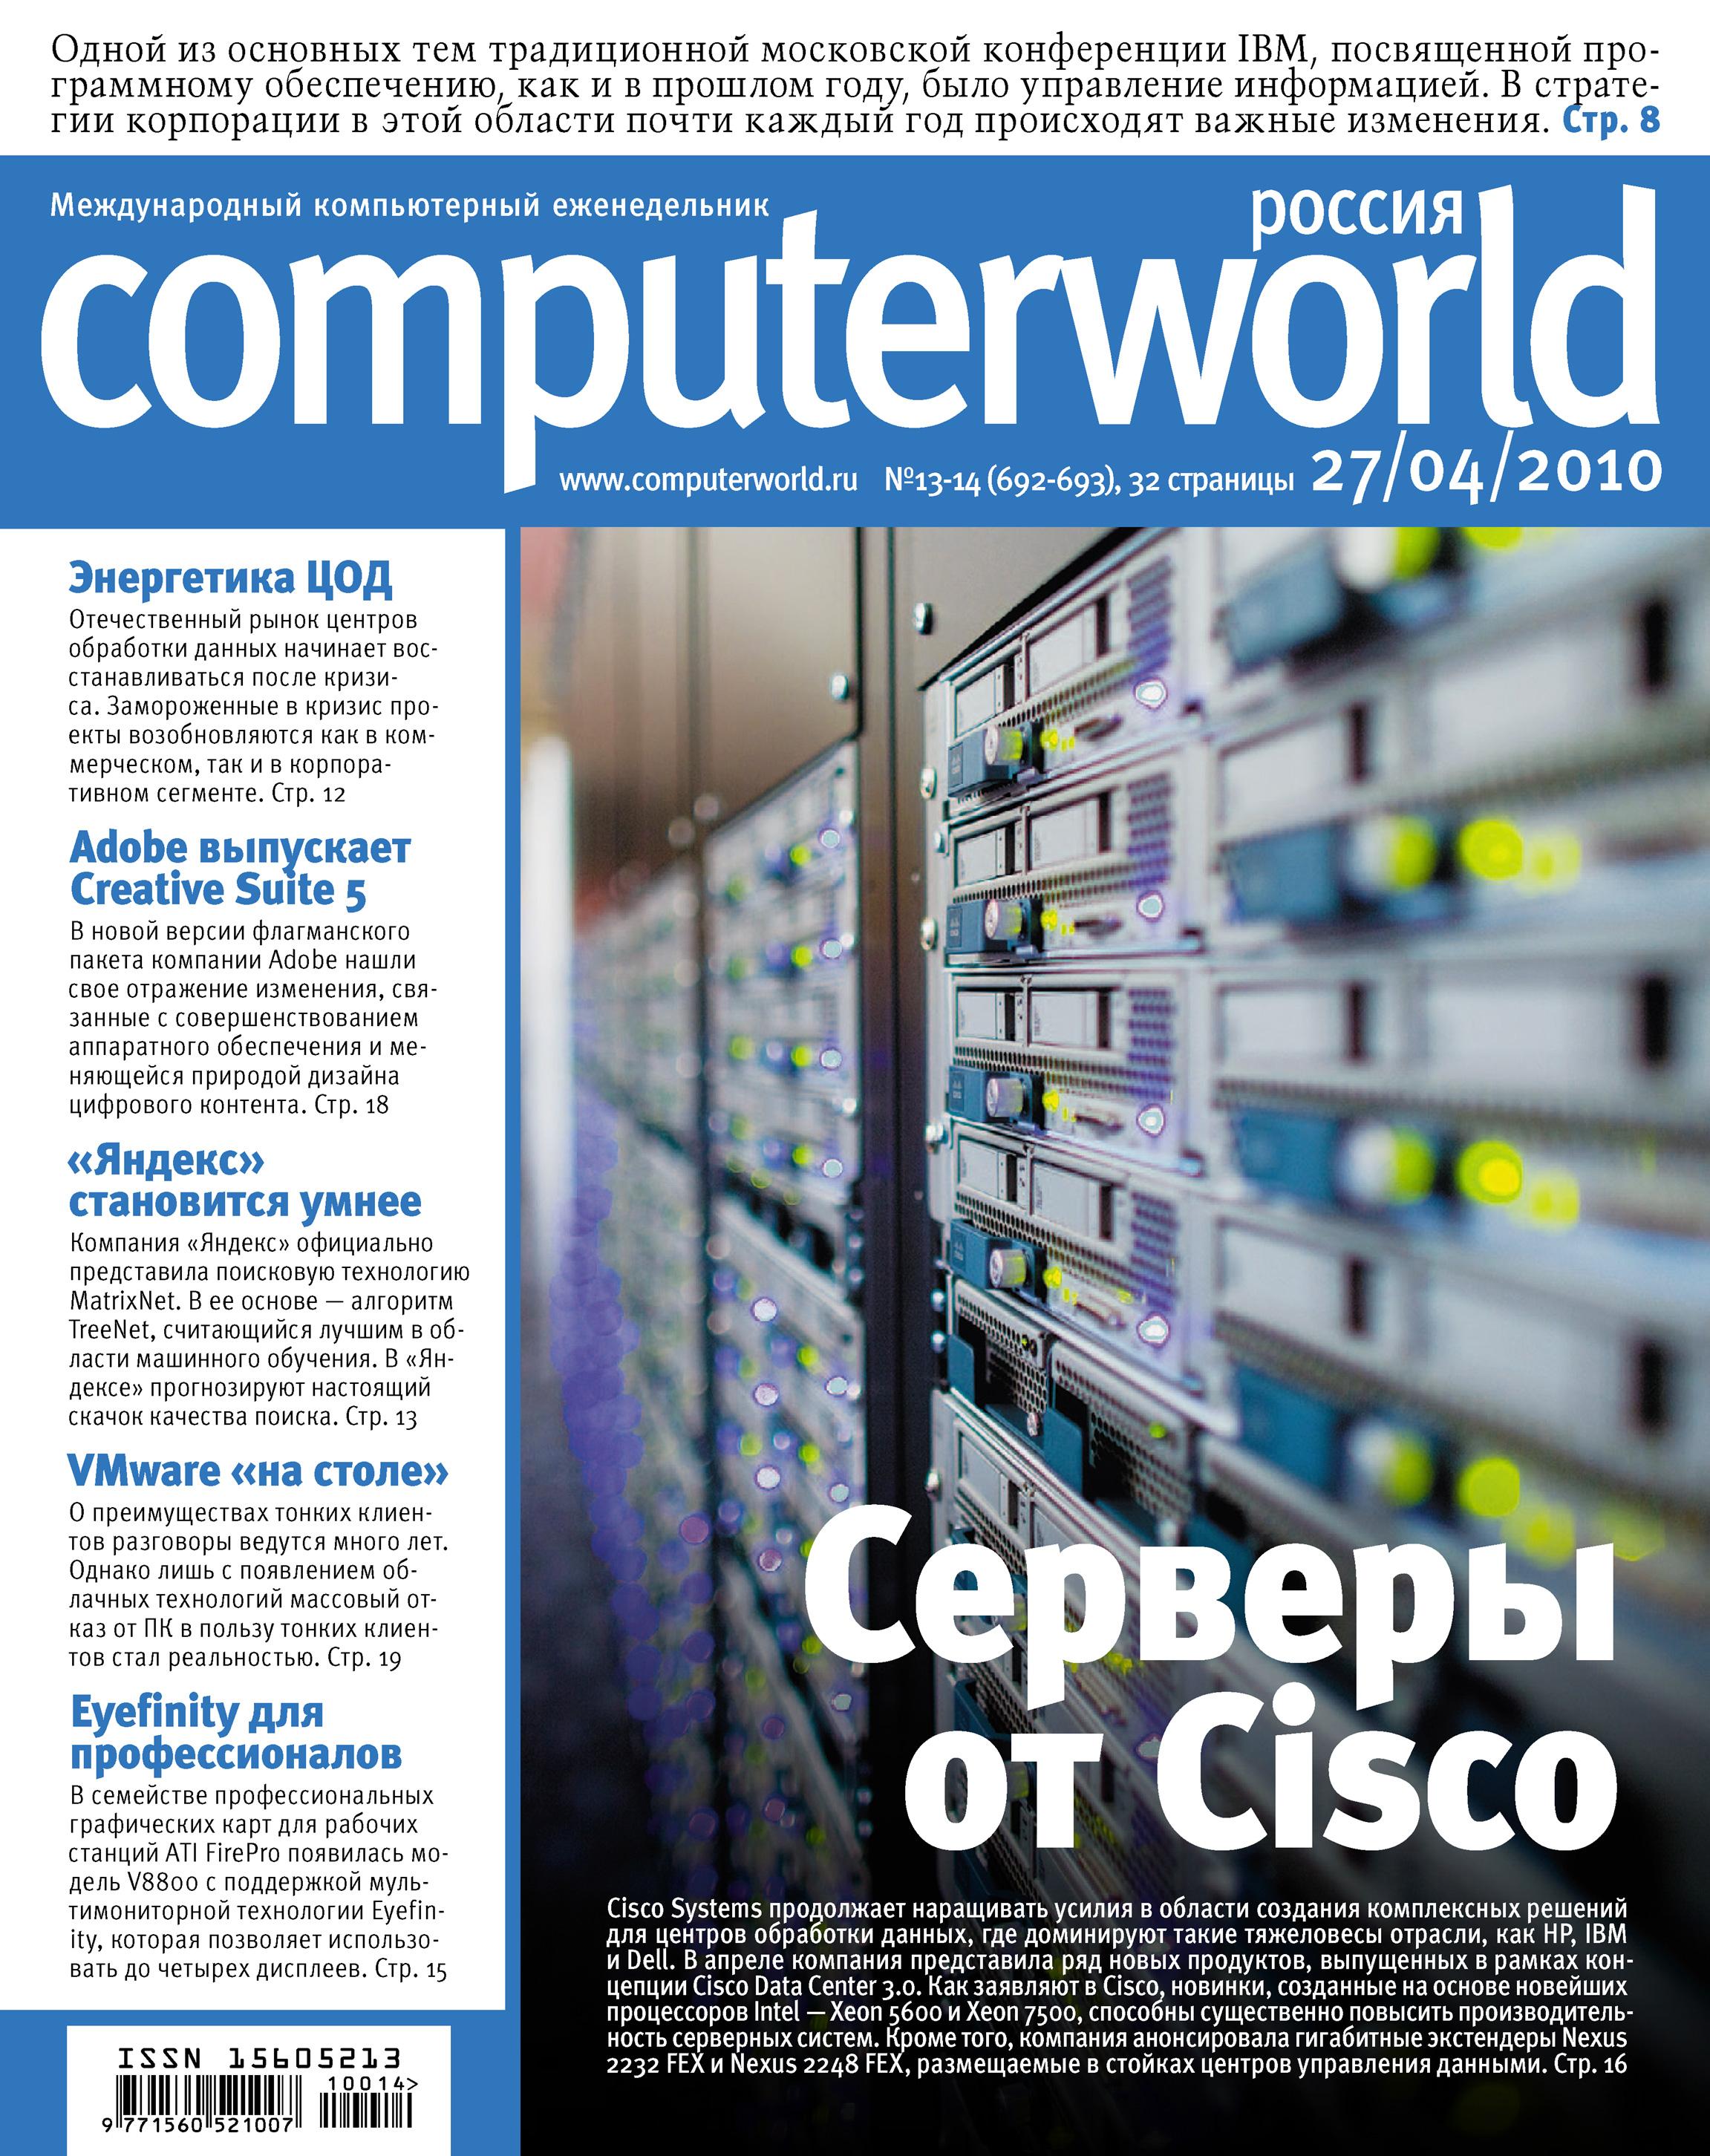 Открытые системы Журнал Computerworld Россия №13-14/2010 открытые системы журнал computerworld россия 28 2010